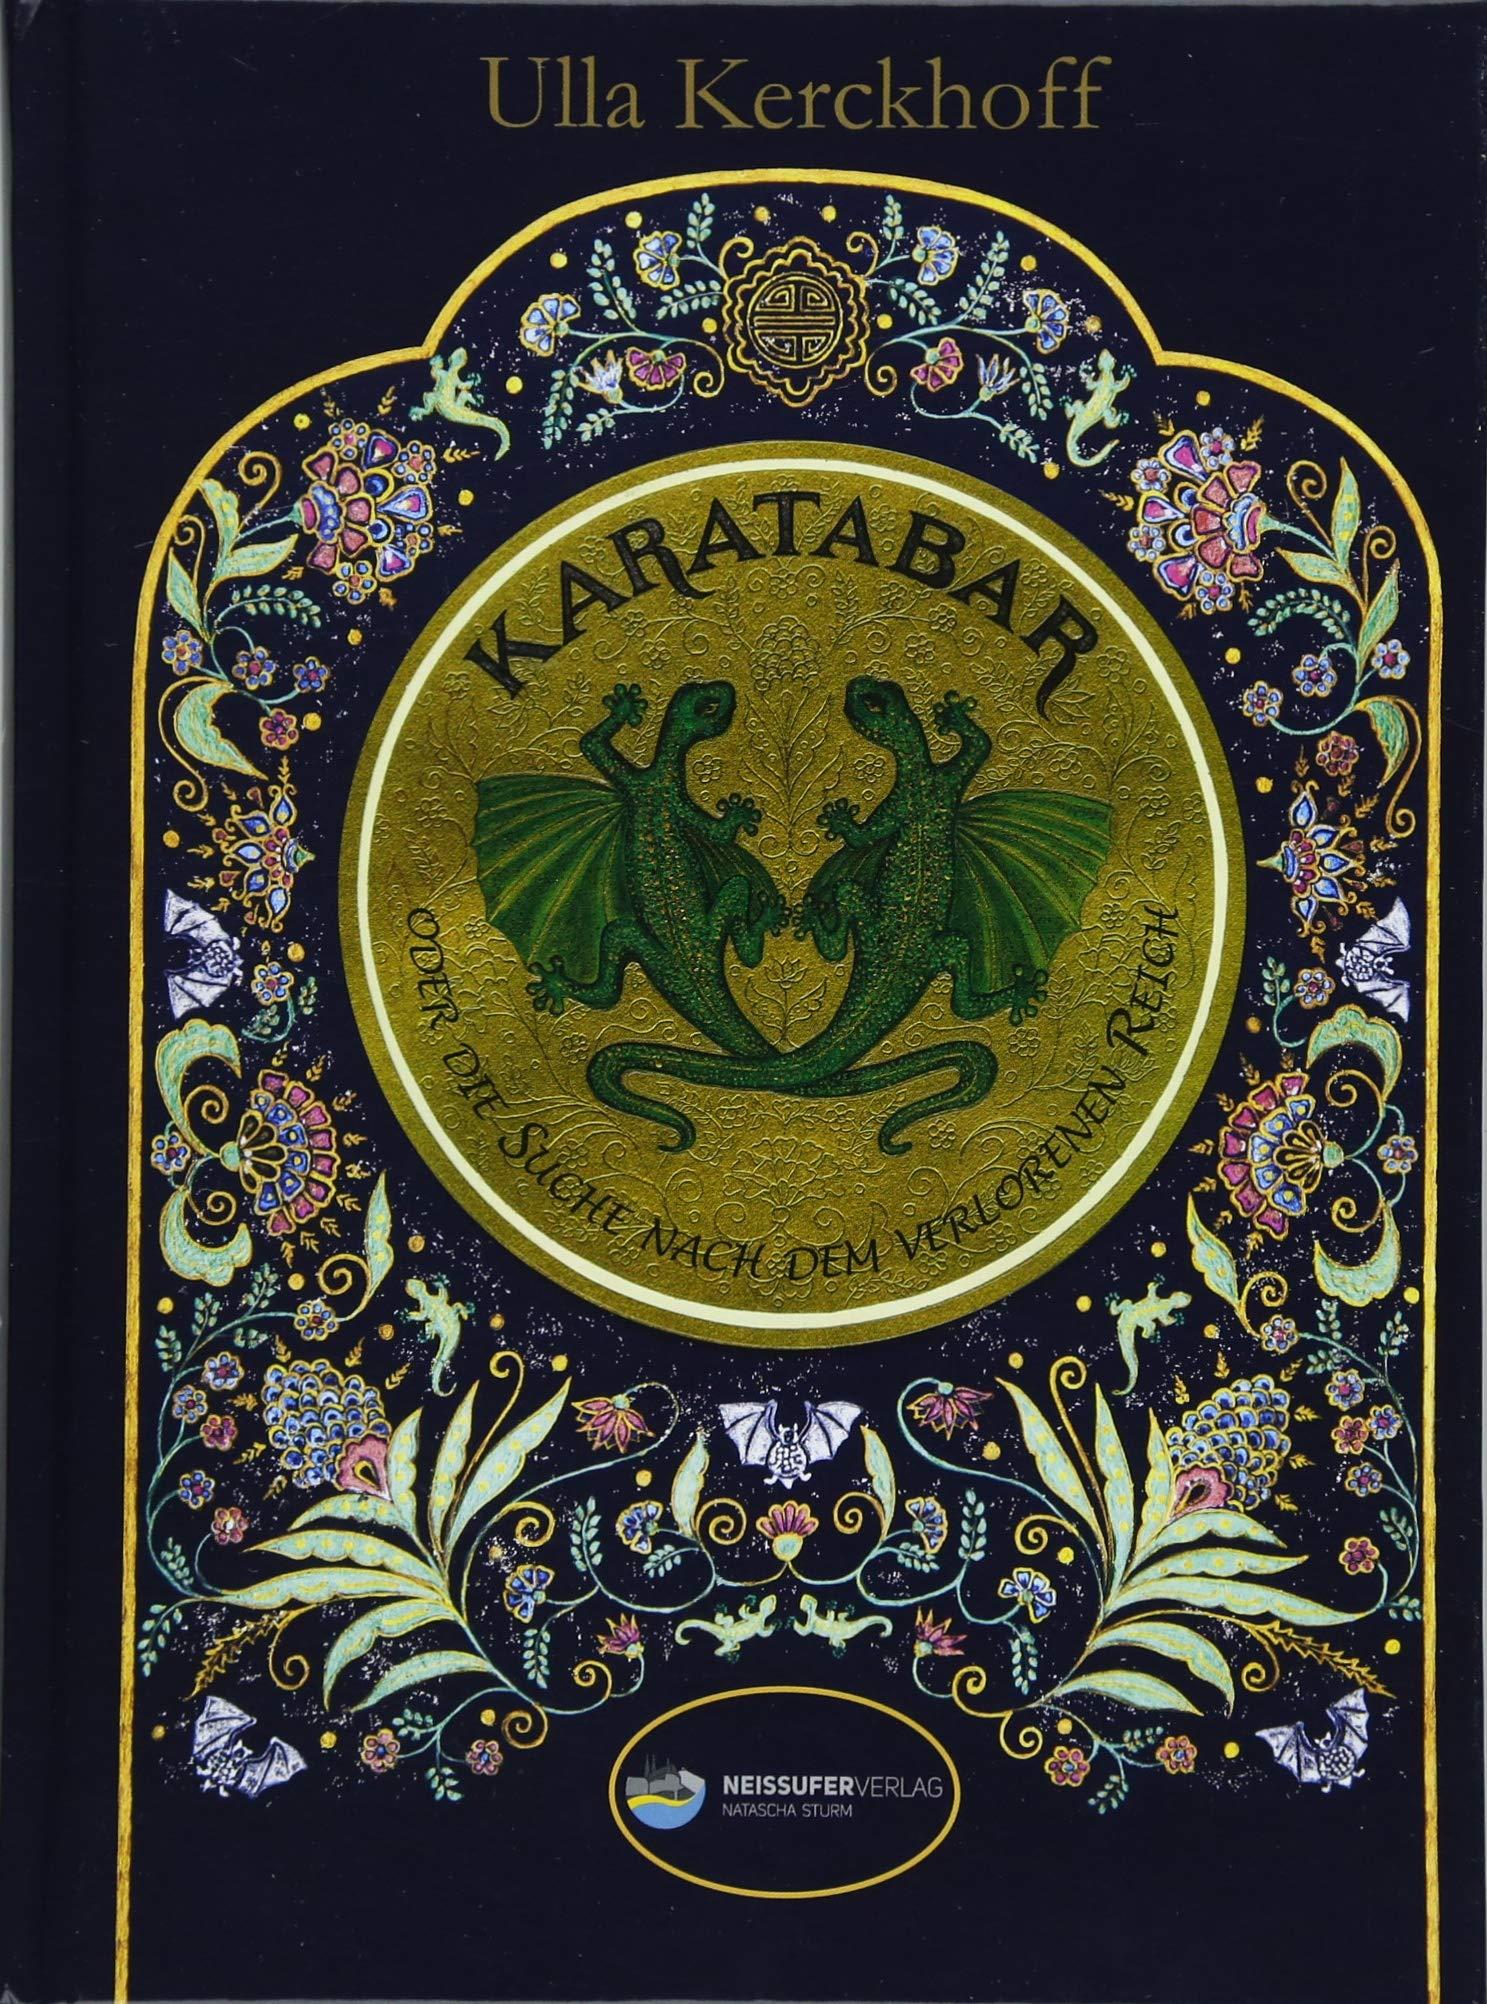 Karatabar: oder die Suche nach dem verlorenen Reich